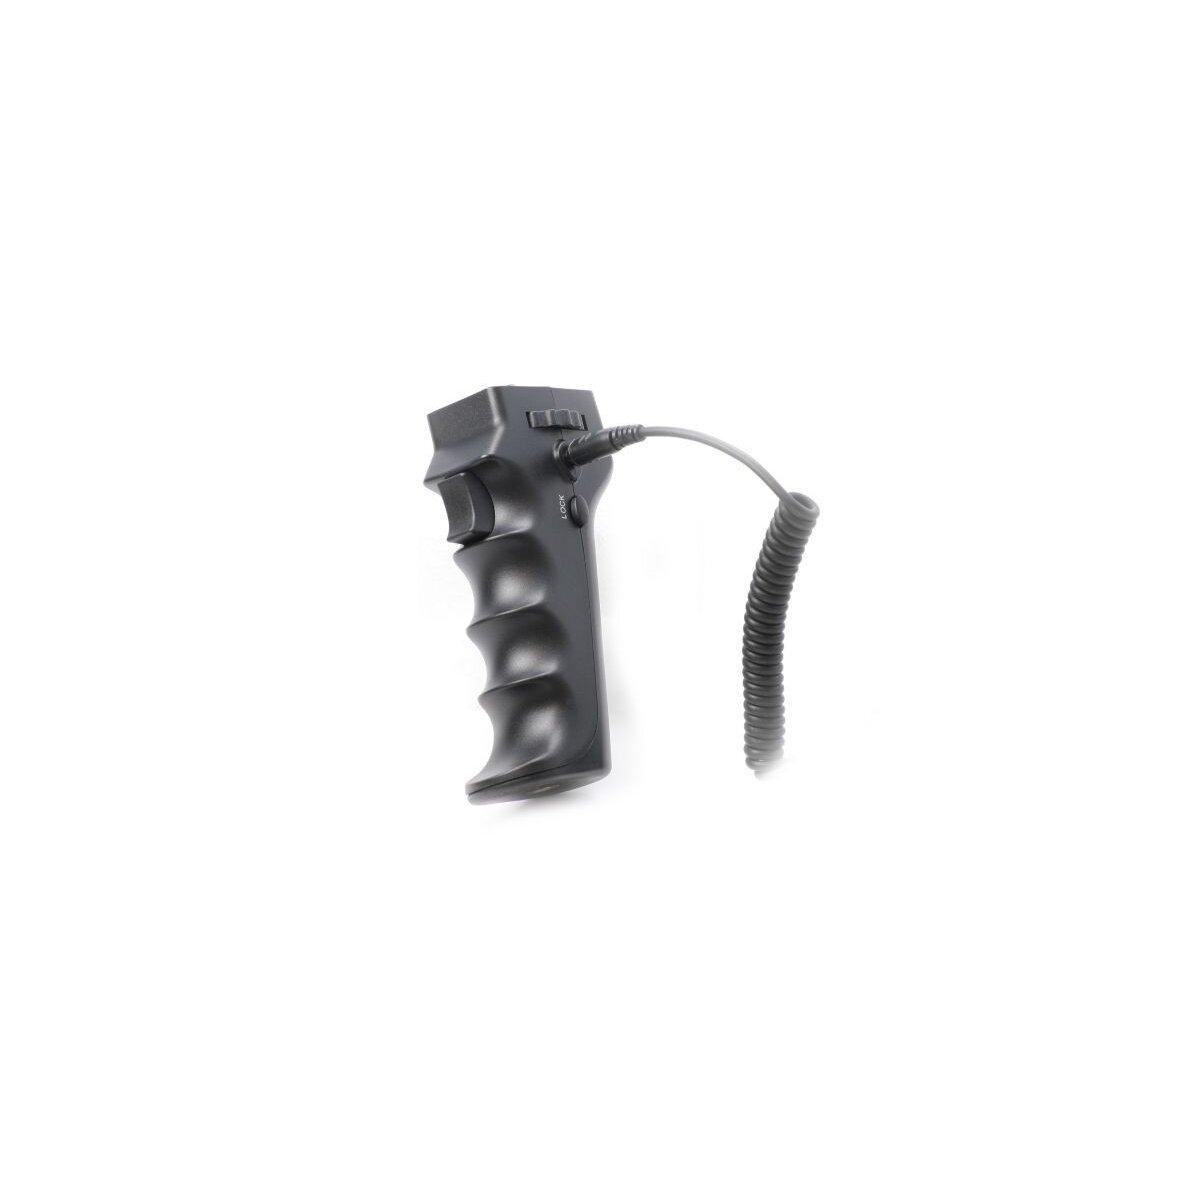 JJC Profi Fernauslöser Einhandaufnahmen Pistolen Handgriff kompatibel mit Canon EOS 1200D, 1100D, 1000D, 700D, 650D, 600D, 550D, 500D, 450D, 400D, 350D, 300D, 100D, 70D, 60D, 300, 50, 33, 30, PowerShot G12, G11, G10, G1X